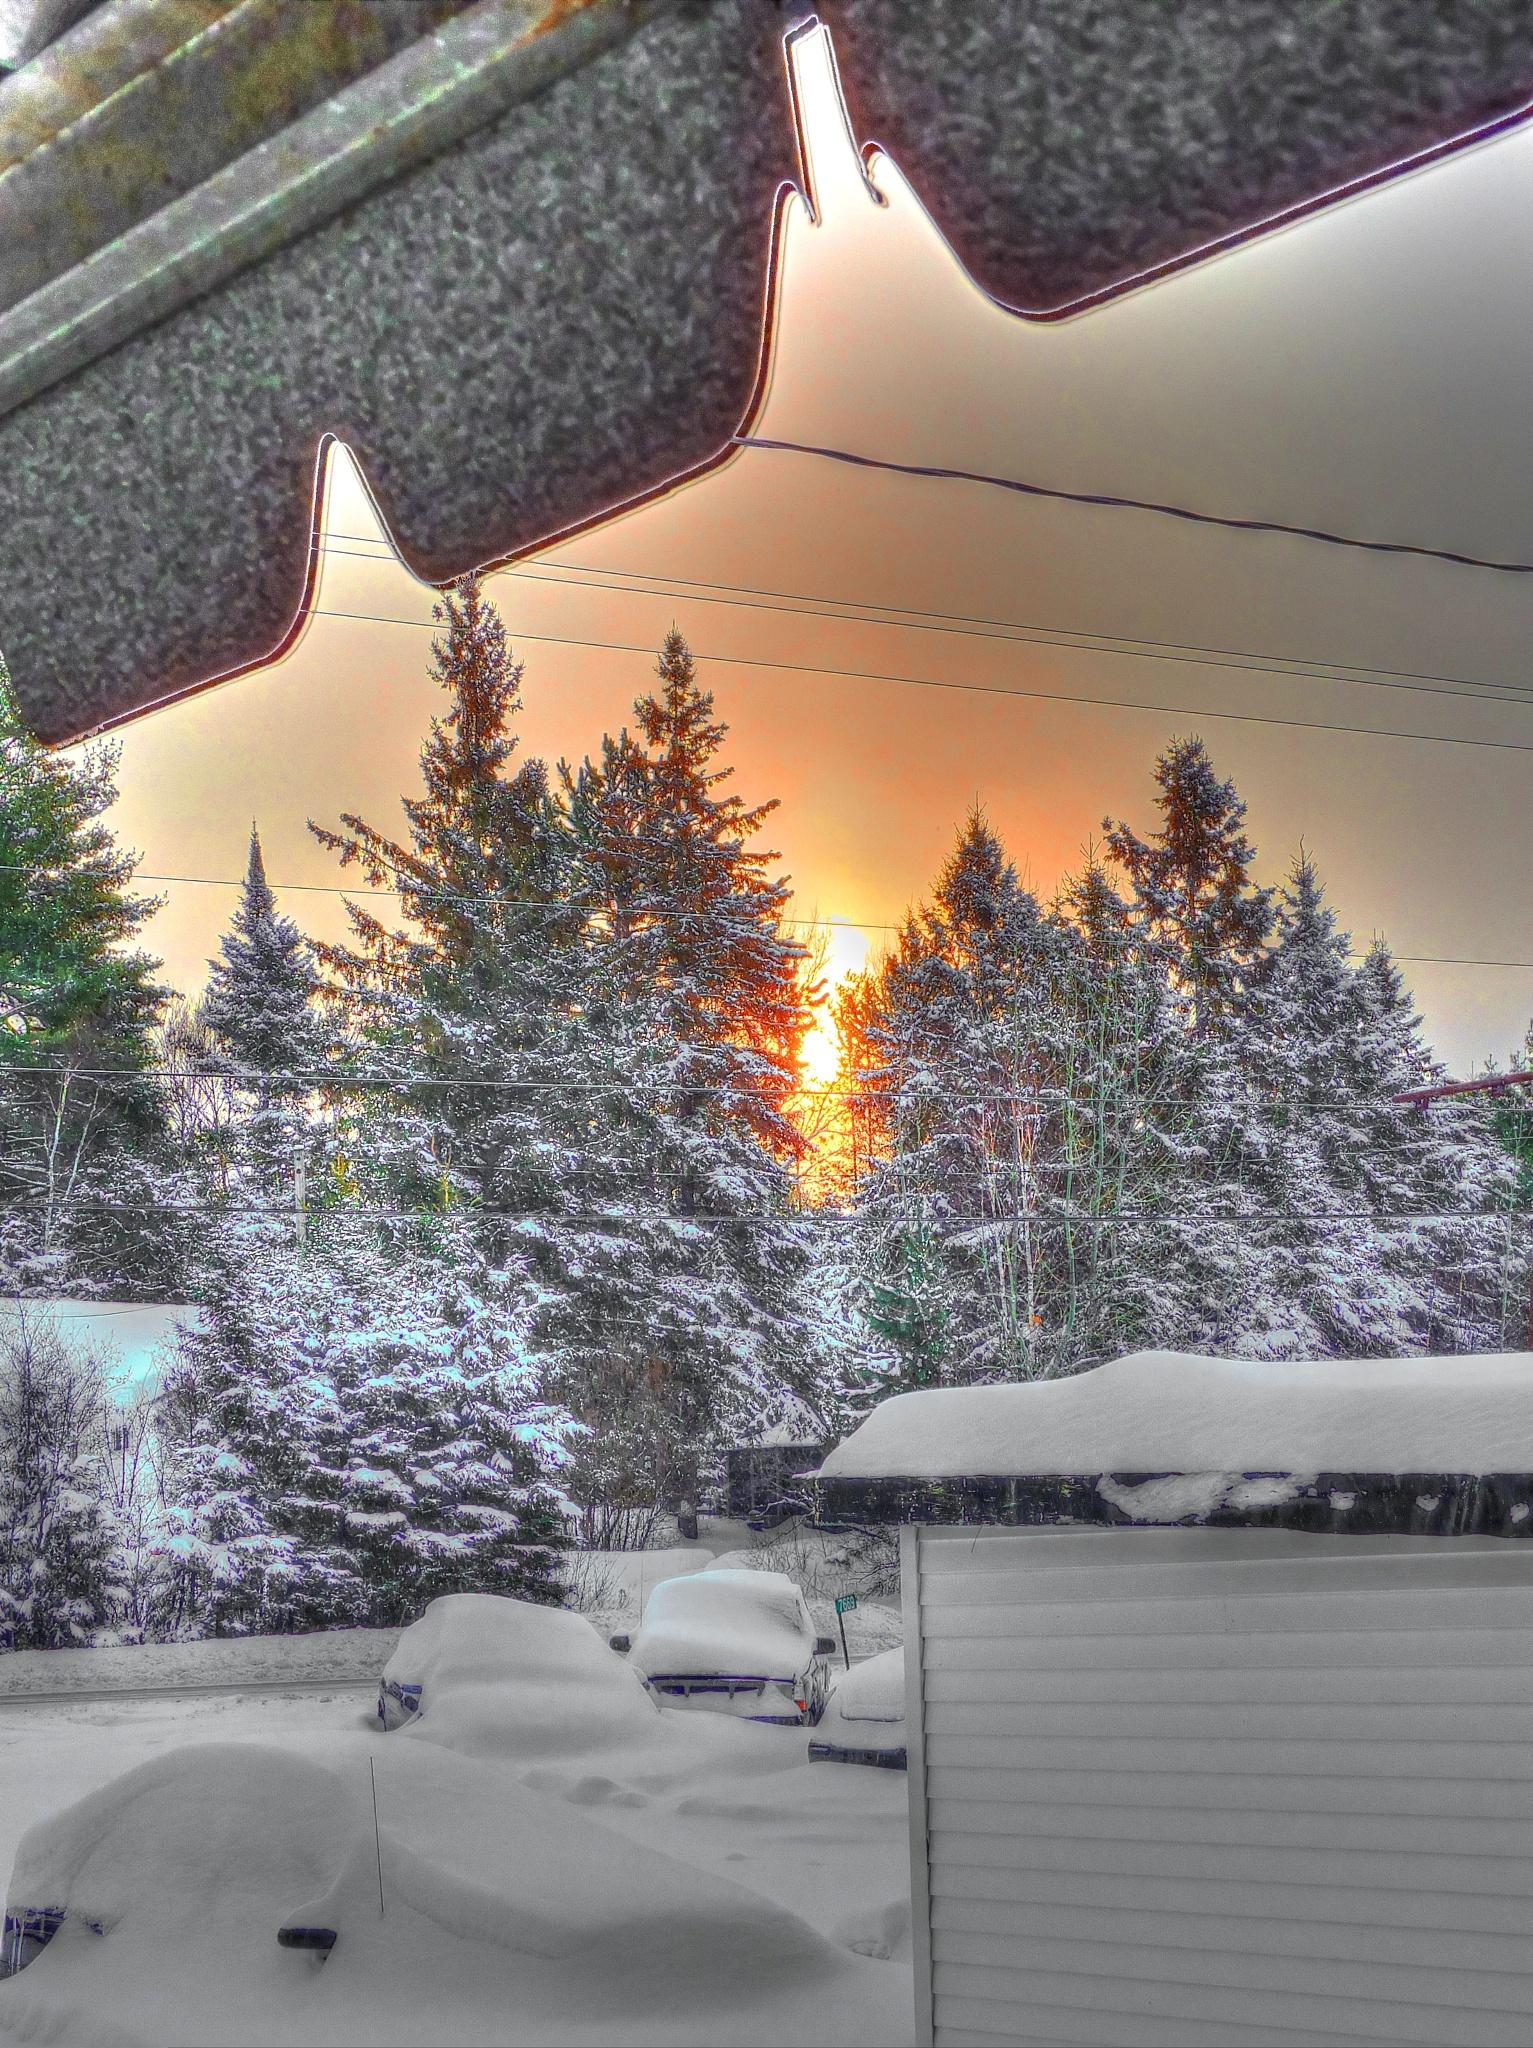 sunrise of the porch by Nigel Nicholas